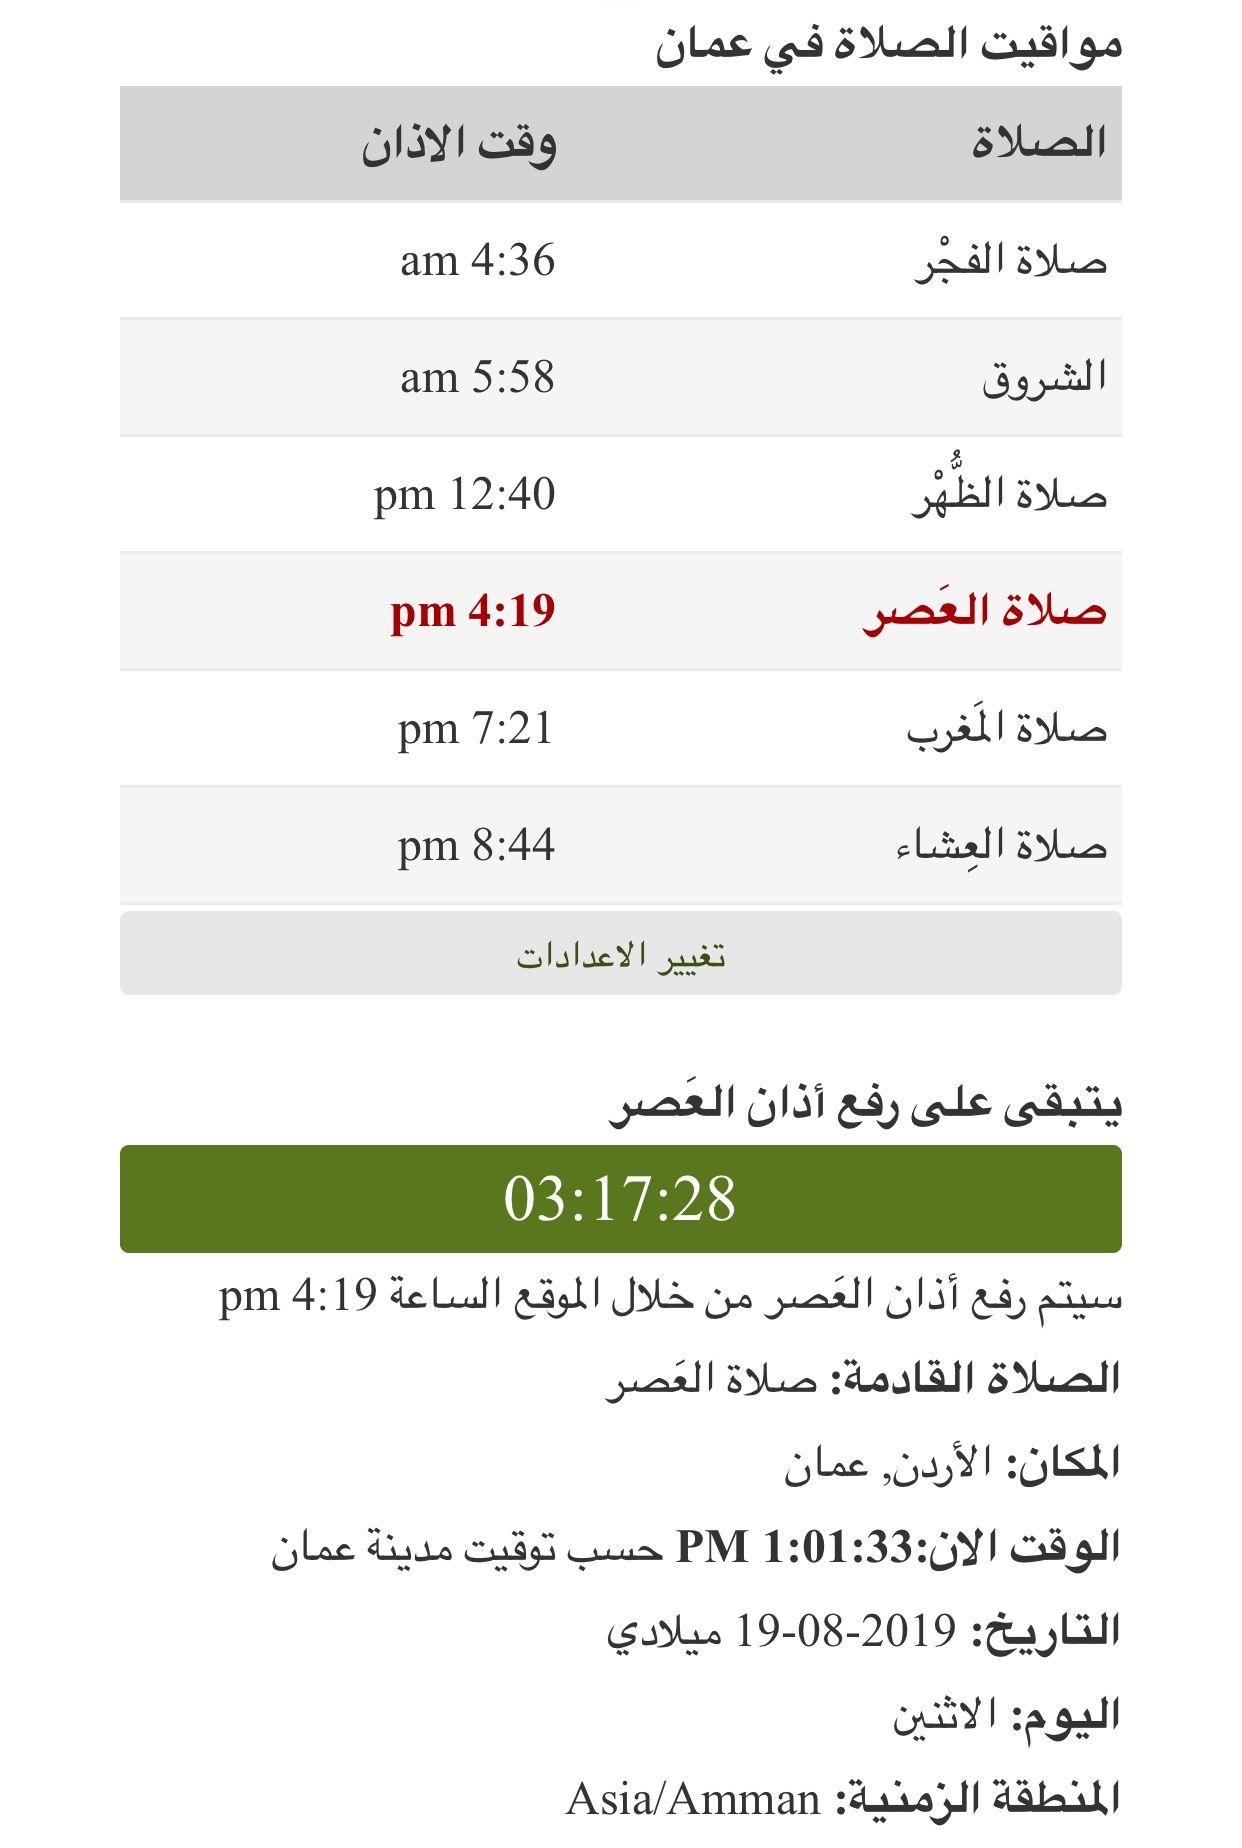 اوقات الصلاة عمان Lull Yara